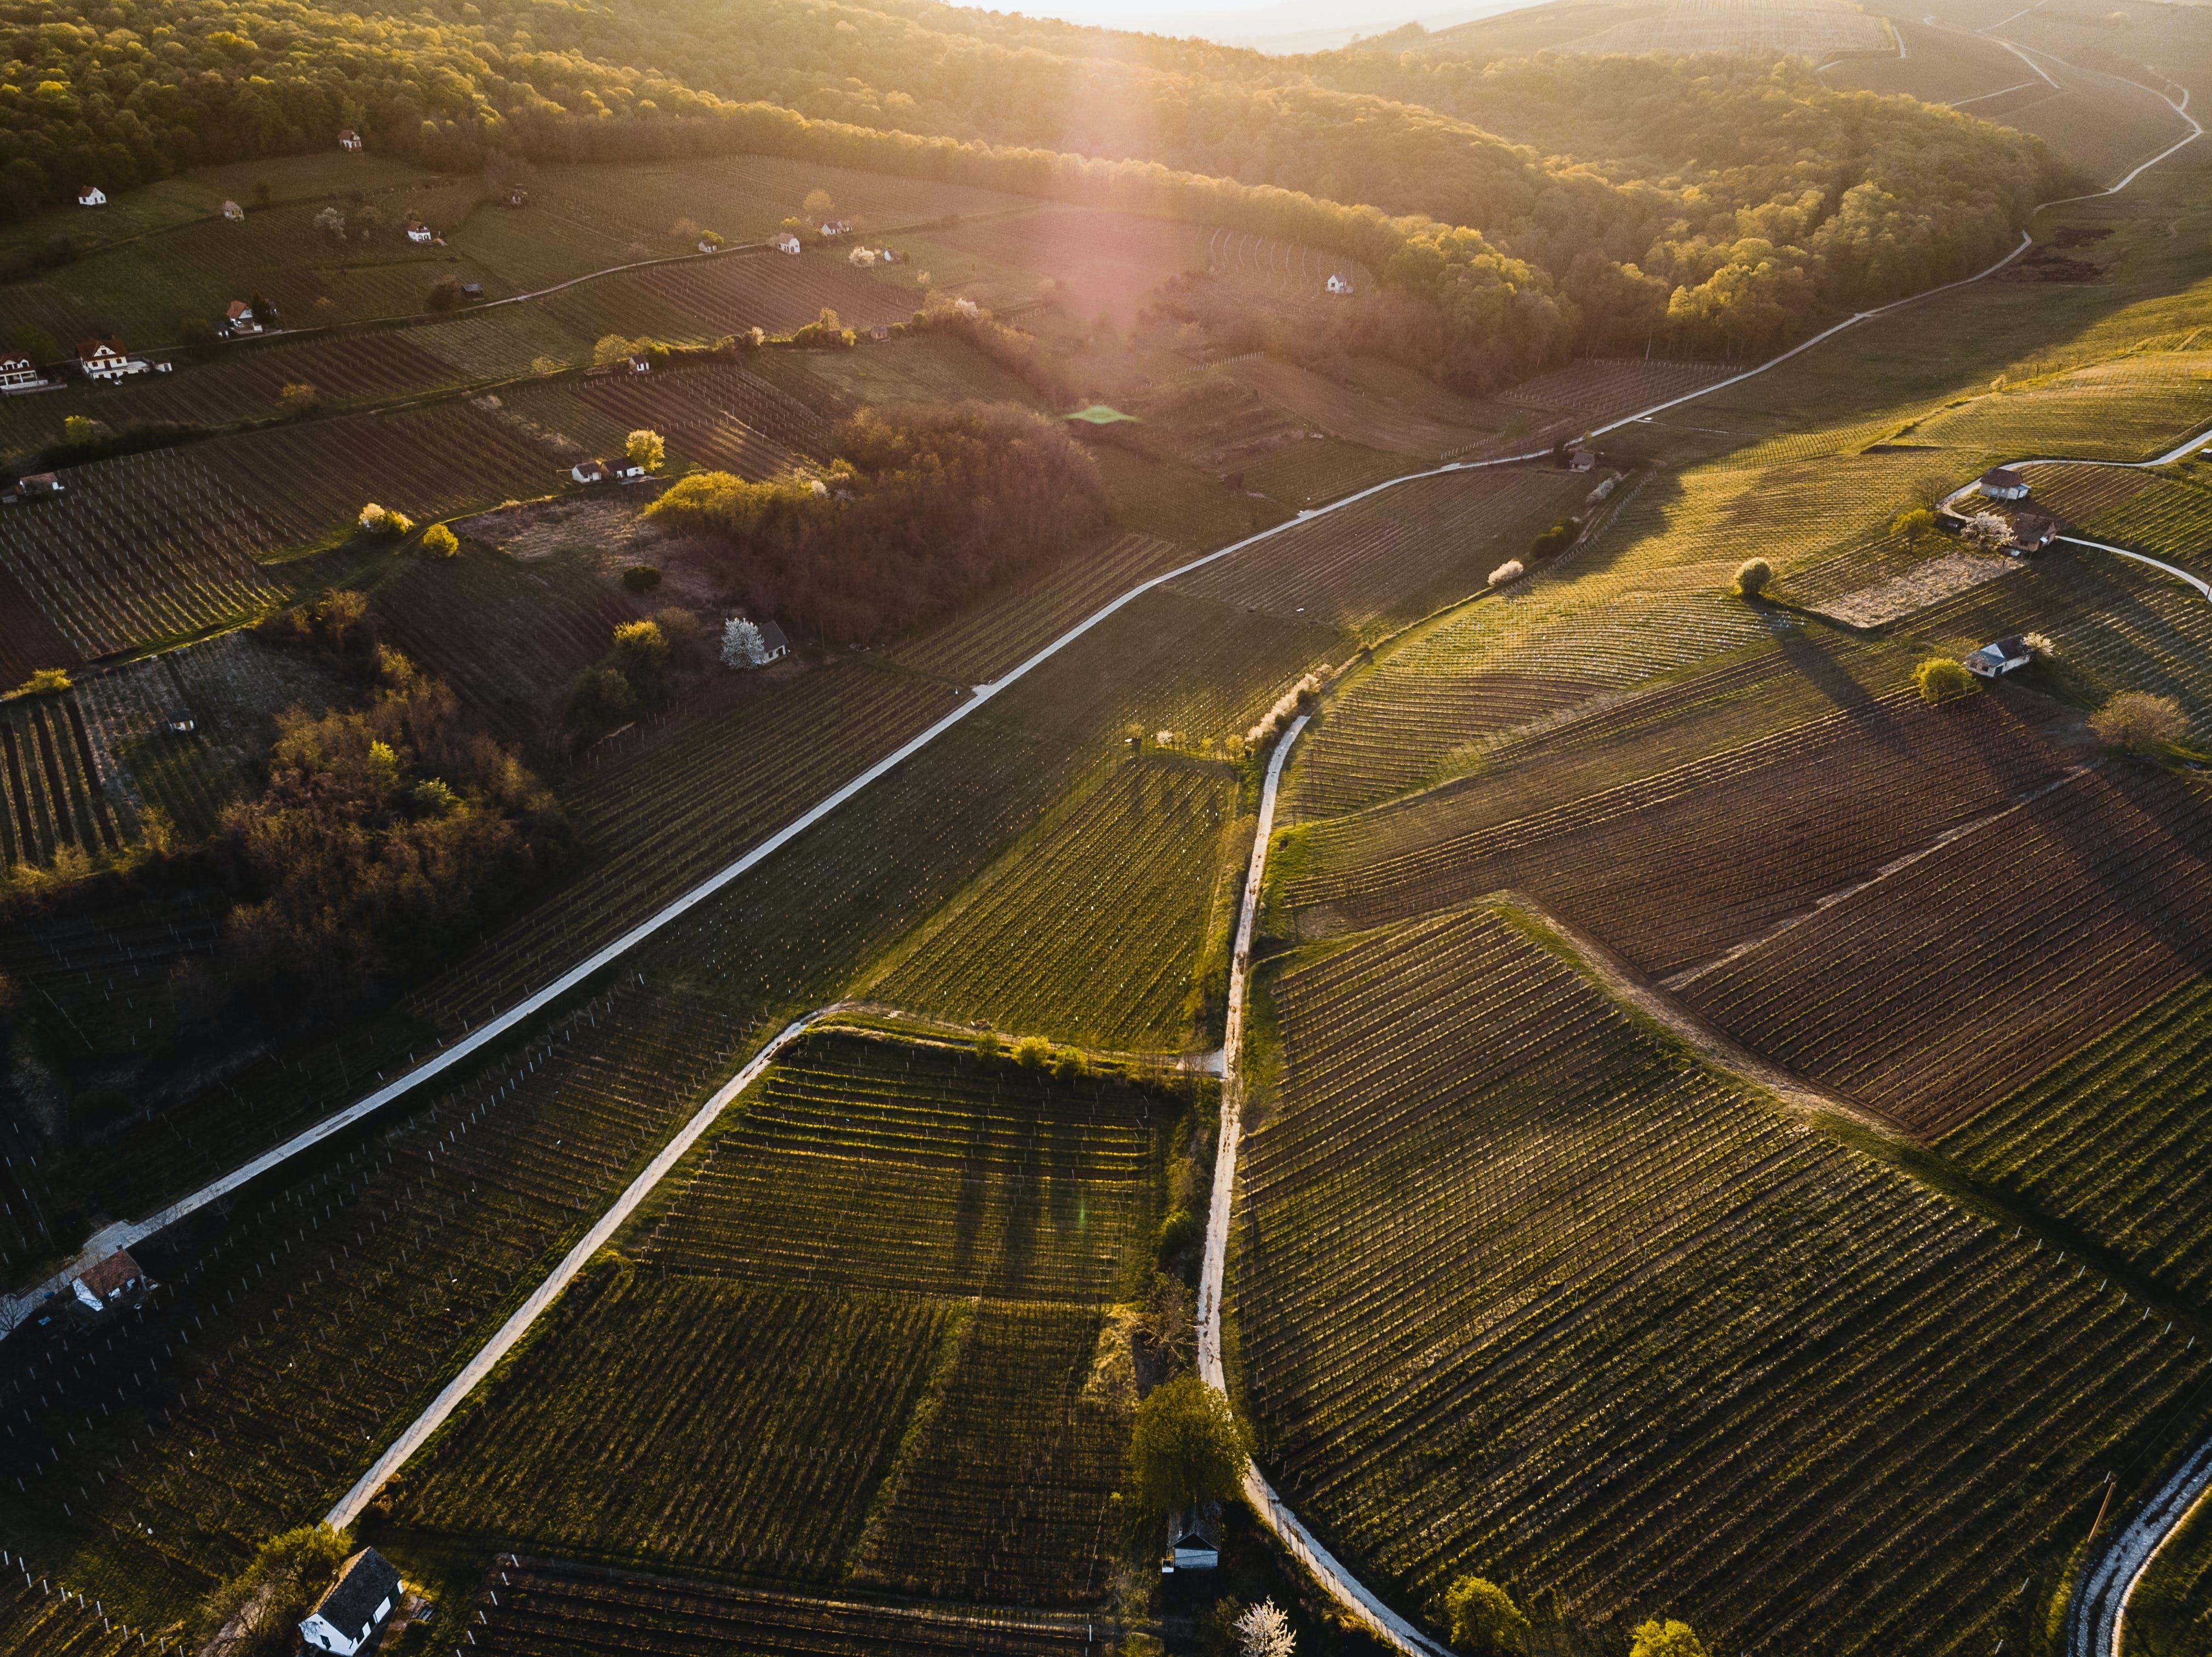 Δωρεάν στοκ φωτογραφιών με αγρόκτημα, ανάπτυξη, αυτοκινητόδρομος, γήπεδο